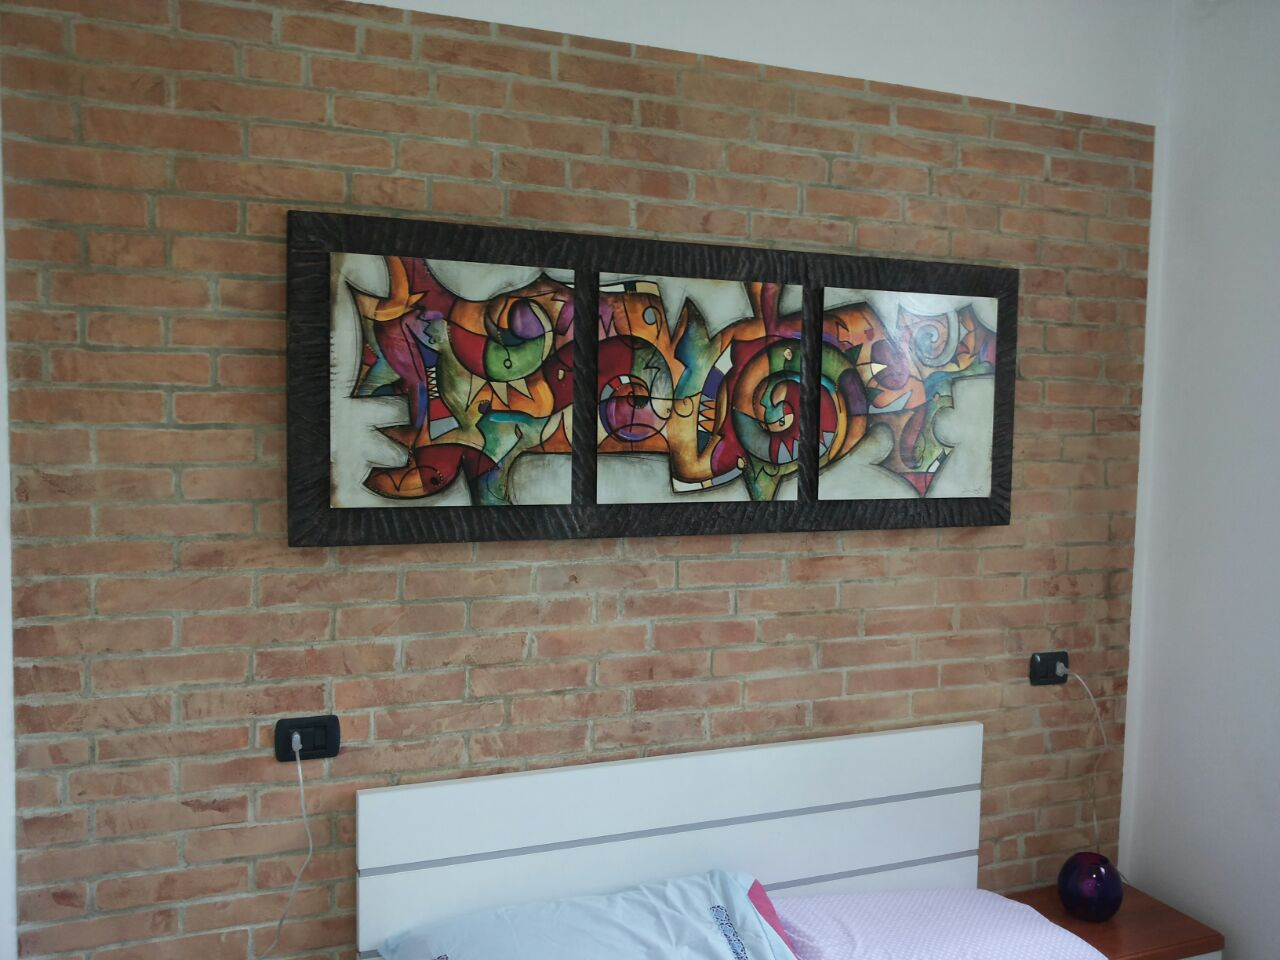 Good mattoni mattonelle per pareti esterne esterno for Mattonelle per pareti